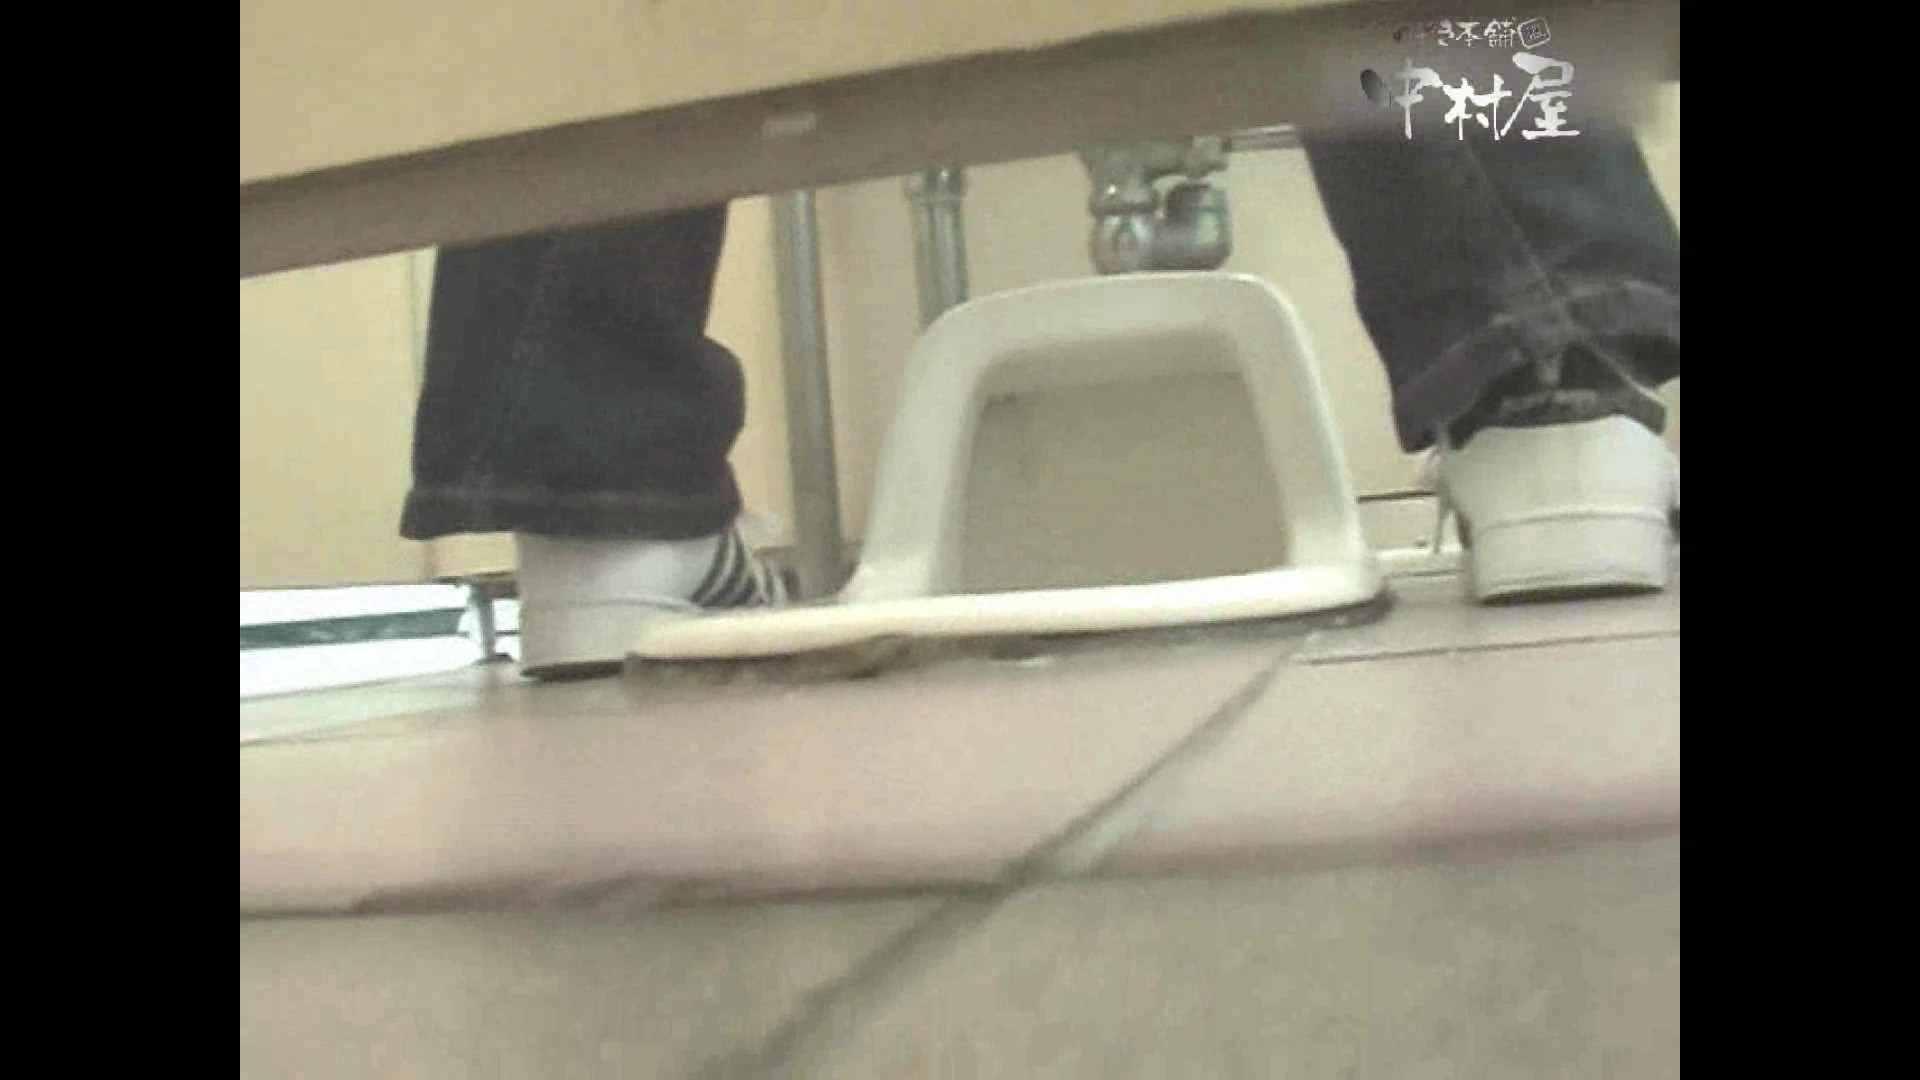 岩手県在住盗撮師盗撮記録vol.24 マンコ・ムレムレ オマンコ動画キャプチャ 80pic 70